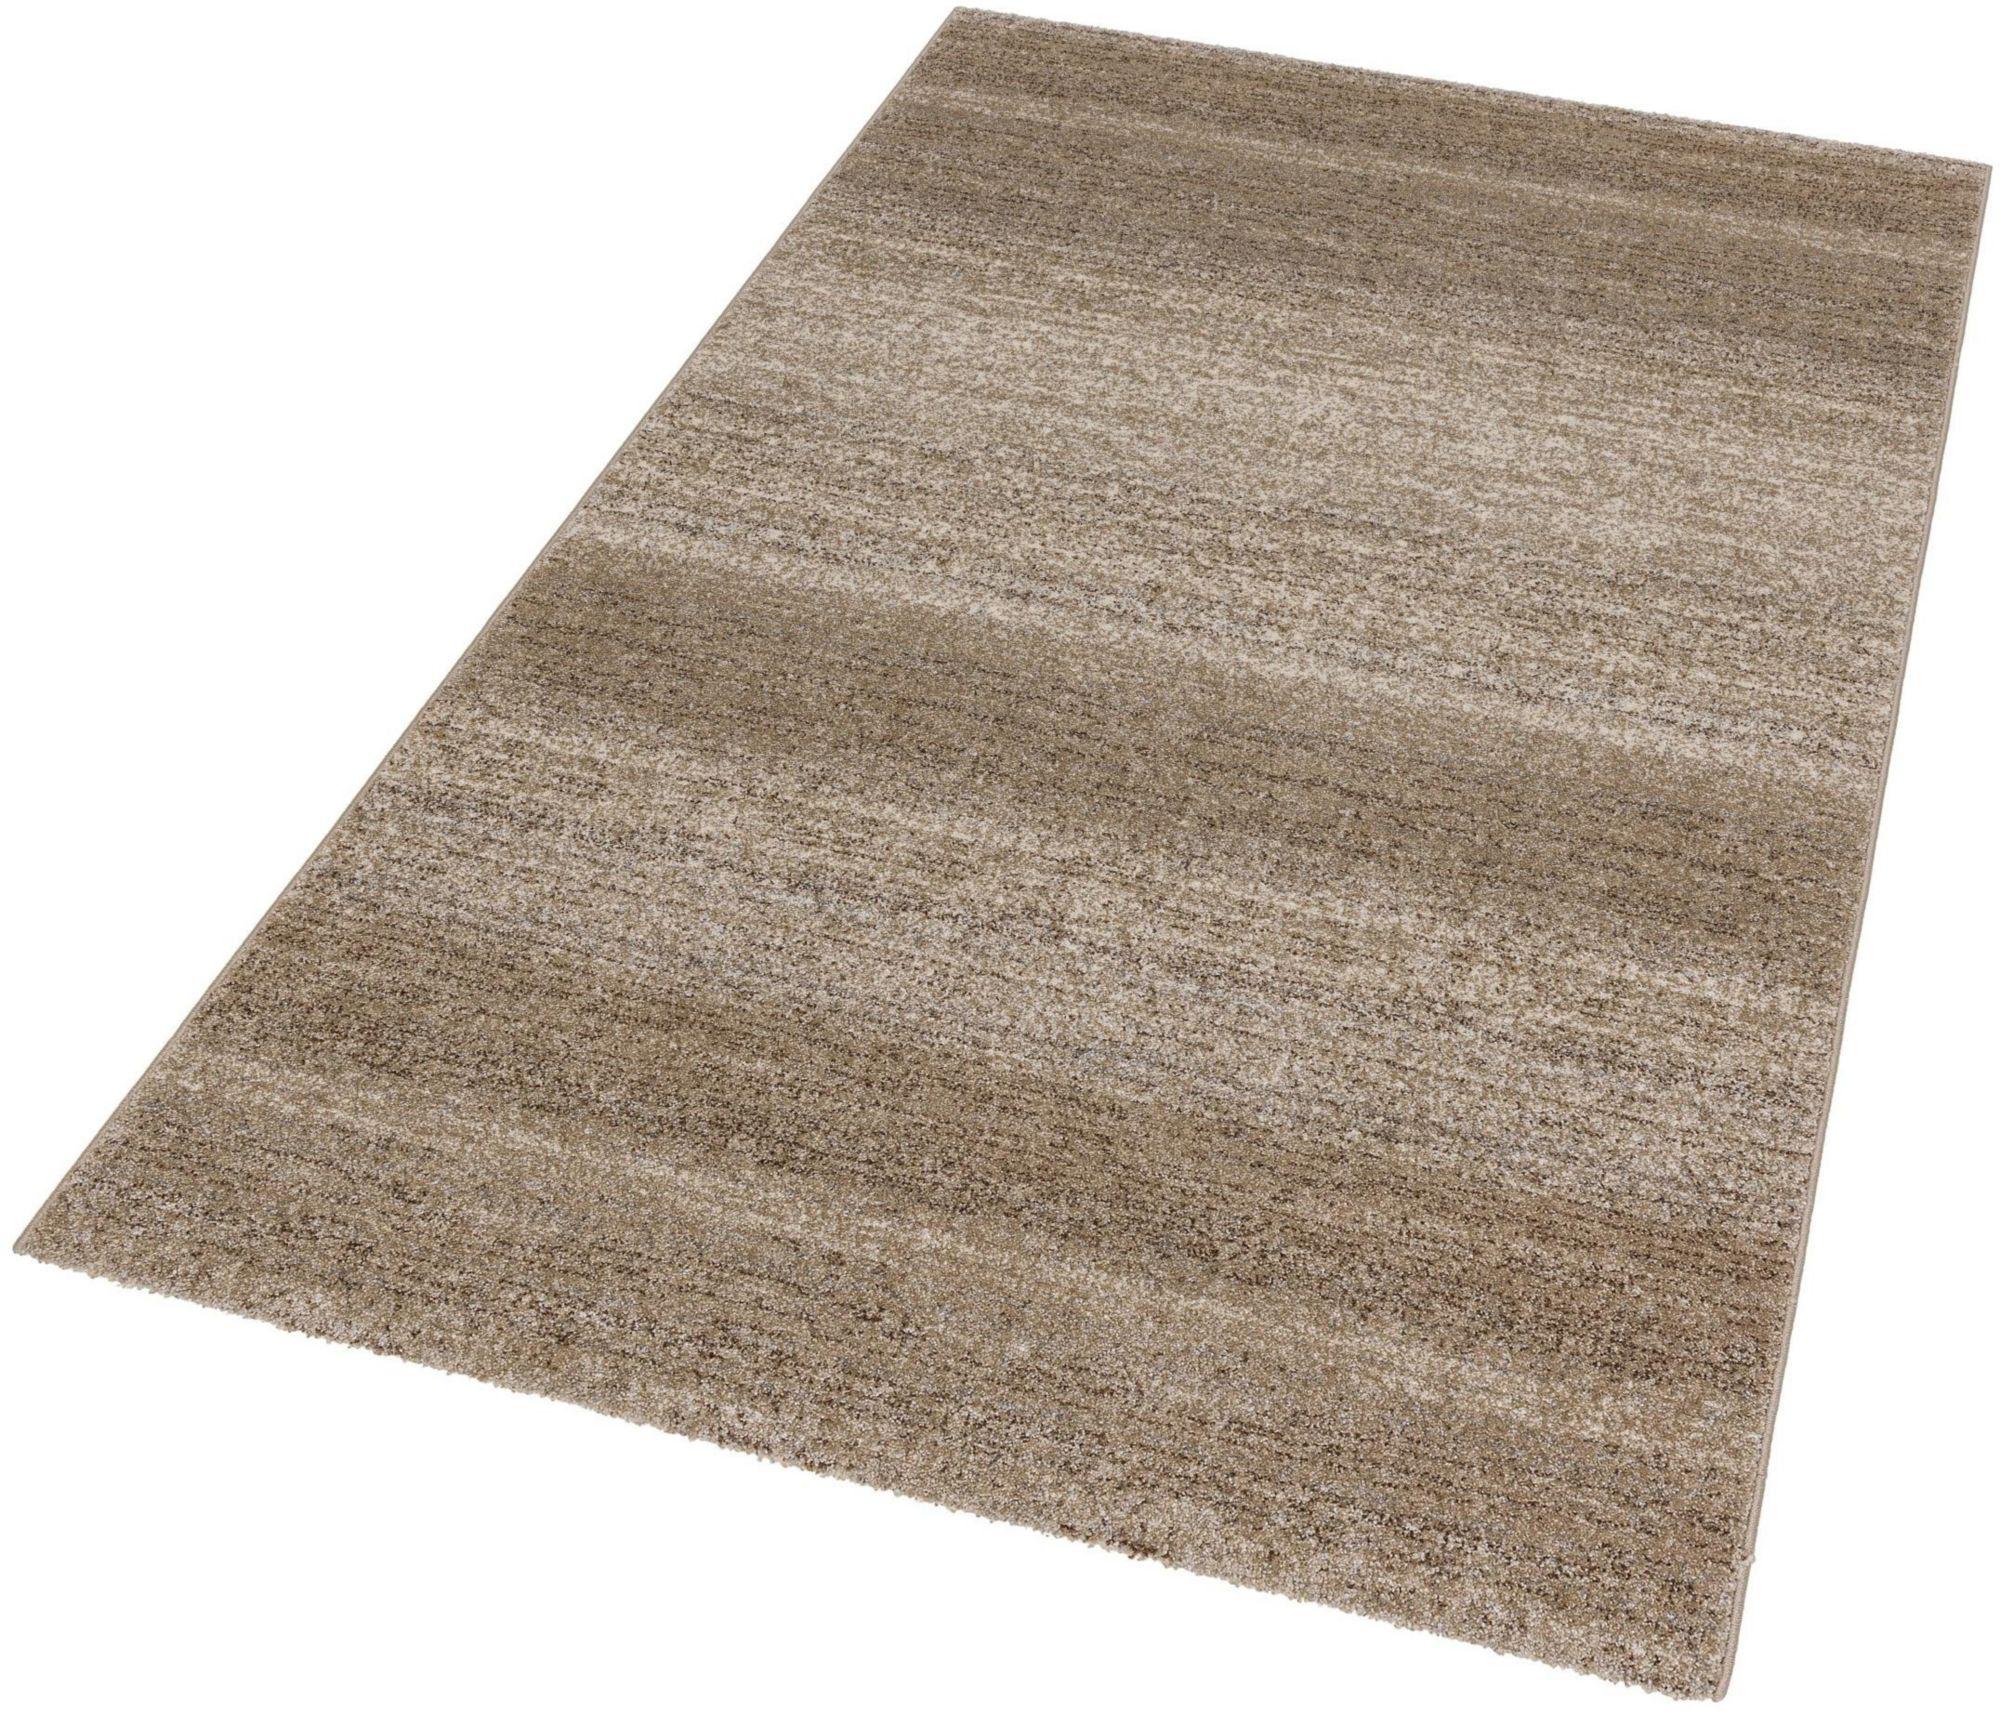 ASTRA Teppich, Astra, »Carpi Uni«, gewebt, Wunschmaß